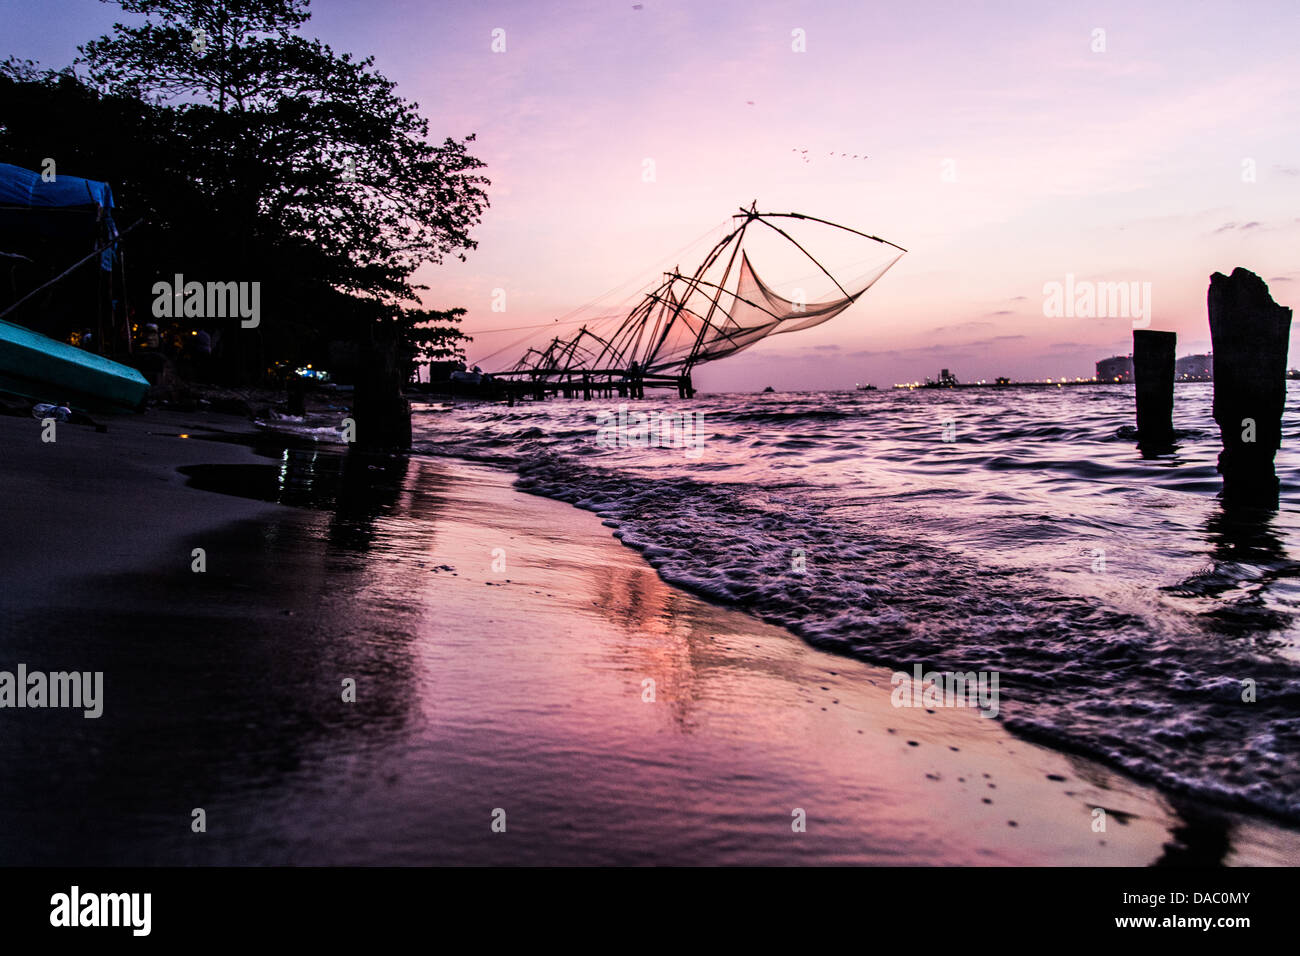 Cinese tradizionale delle reti da pesca, Kochi, Kerela, India Immagini Stock